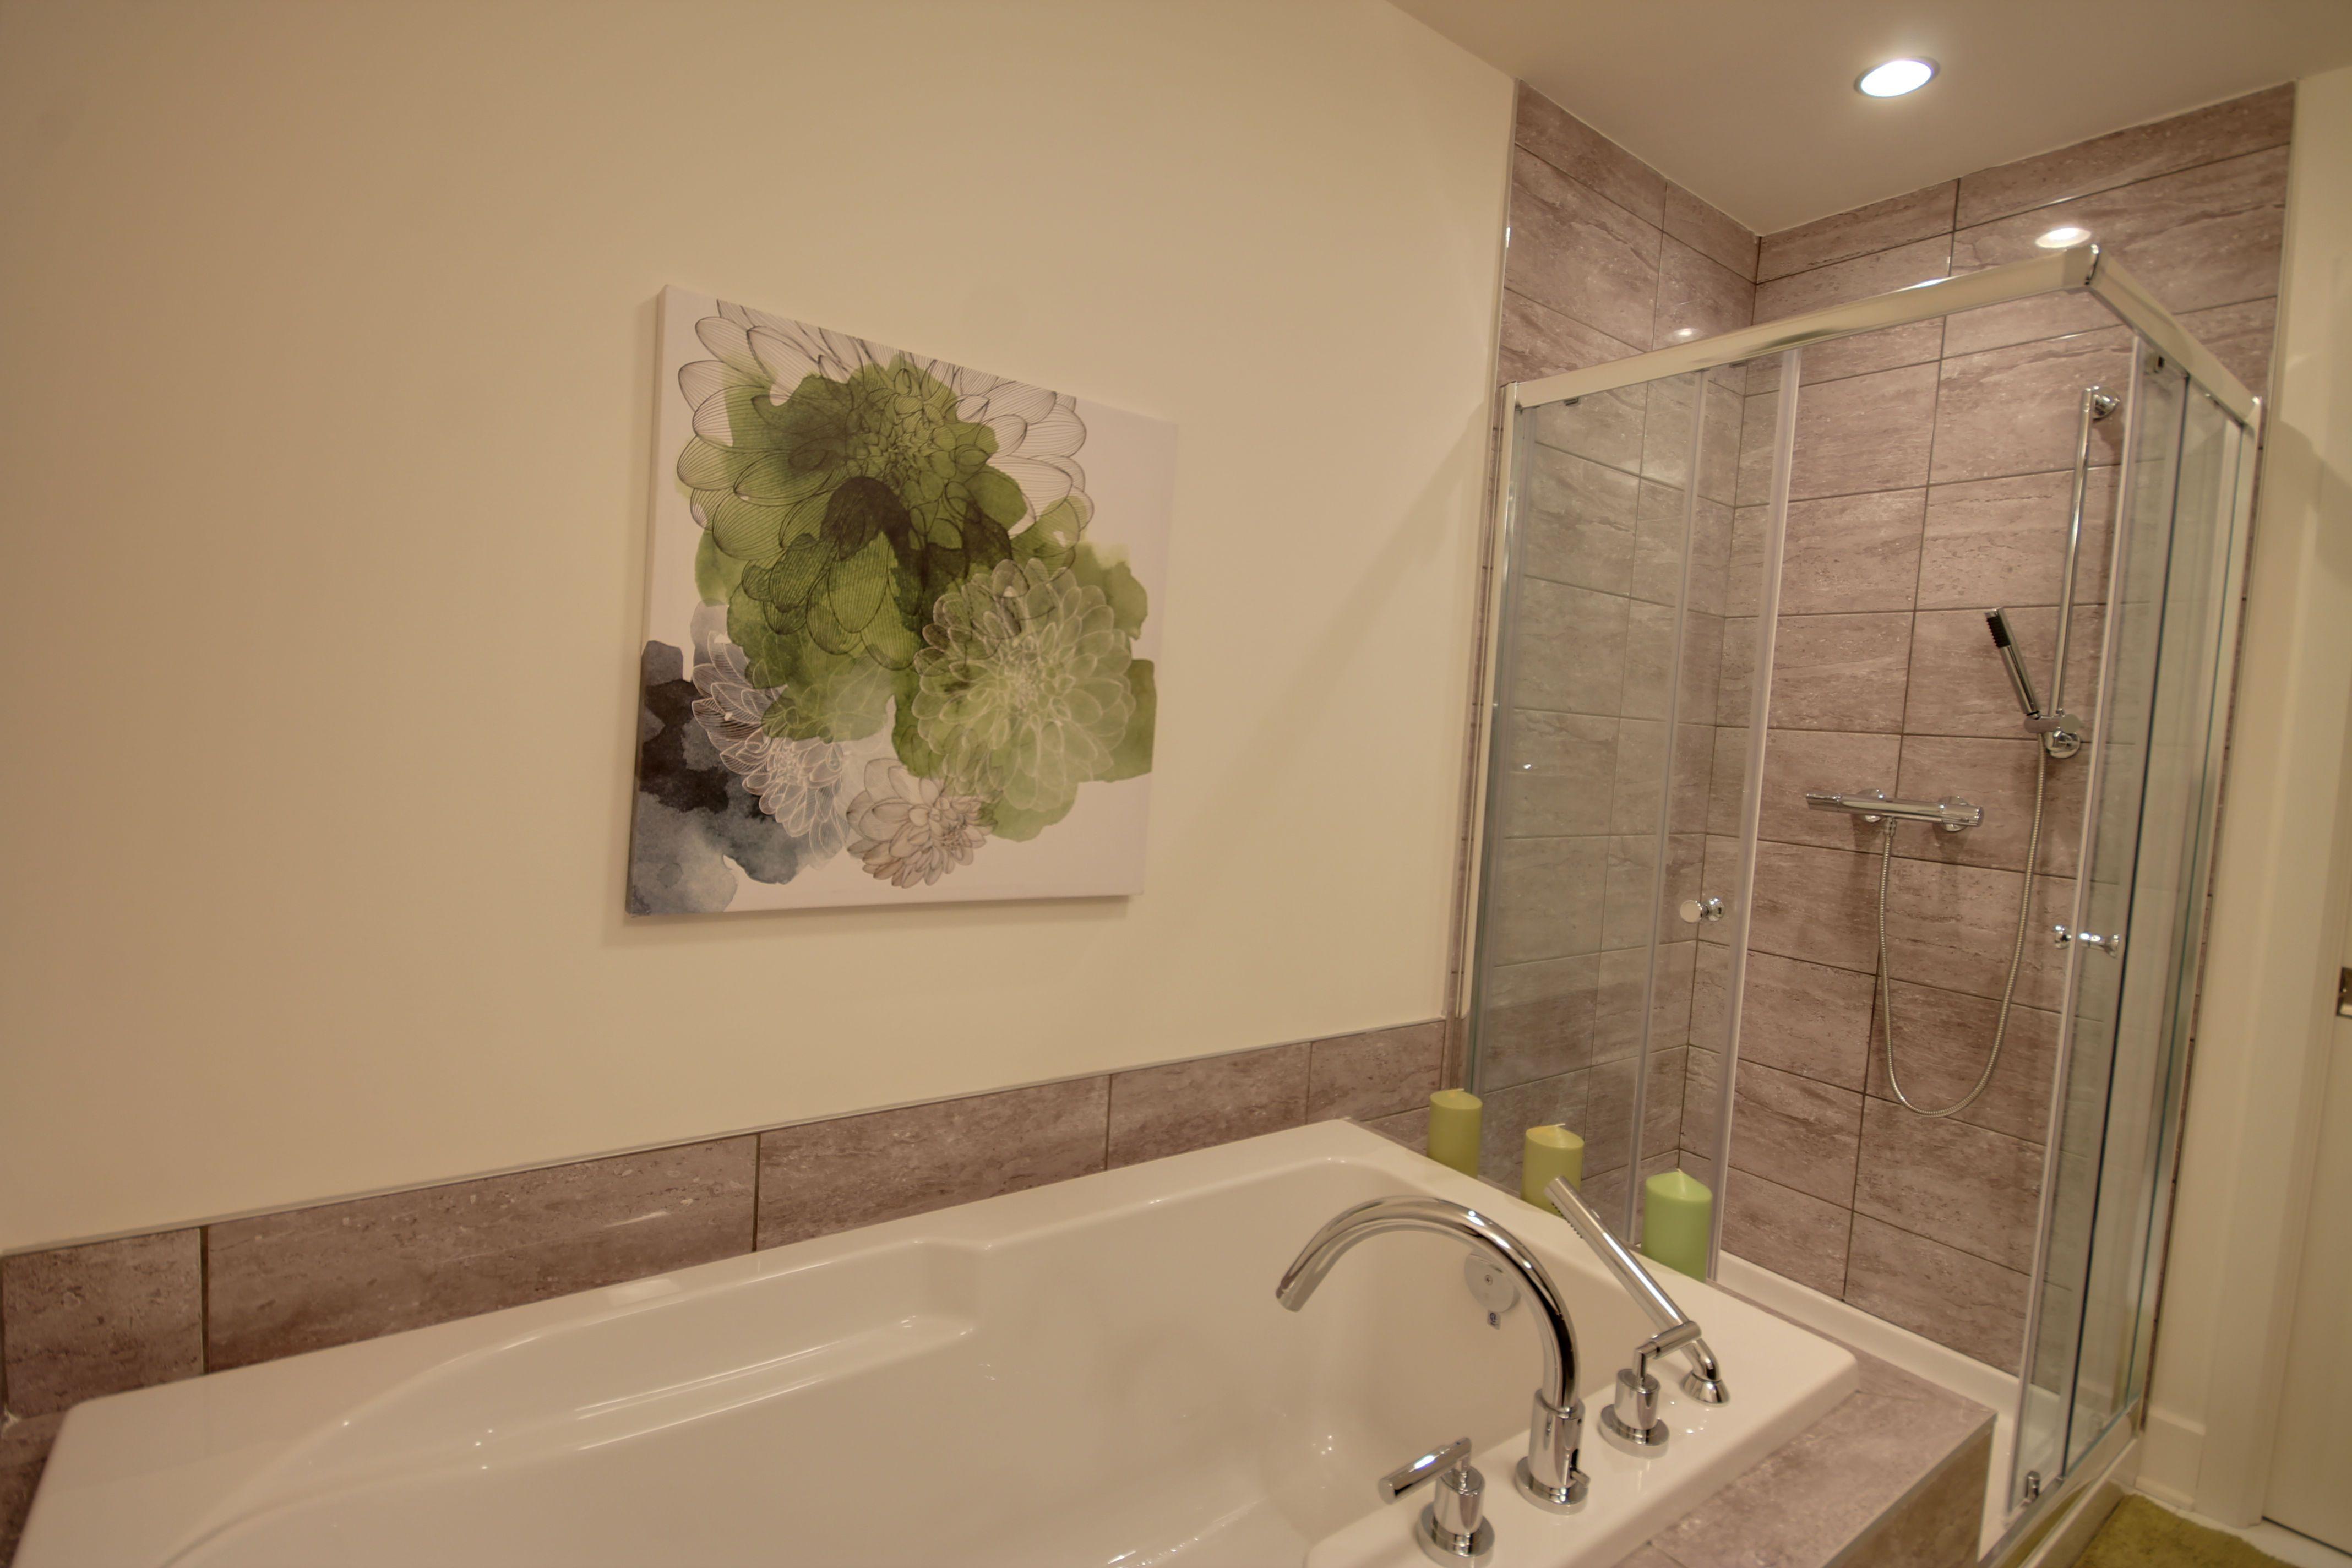 Salle de bain avec douche en céramique et base en acrylique http://www.monharmonie.com/